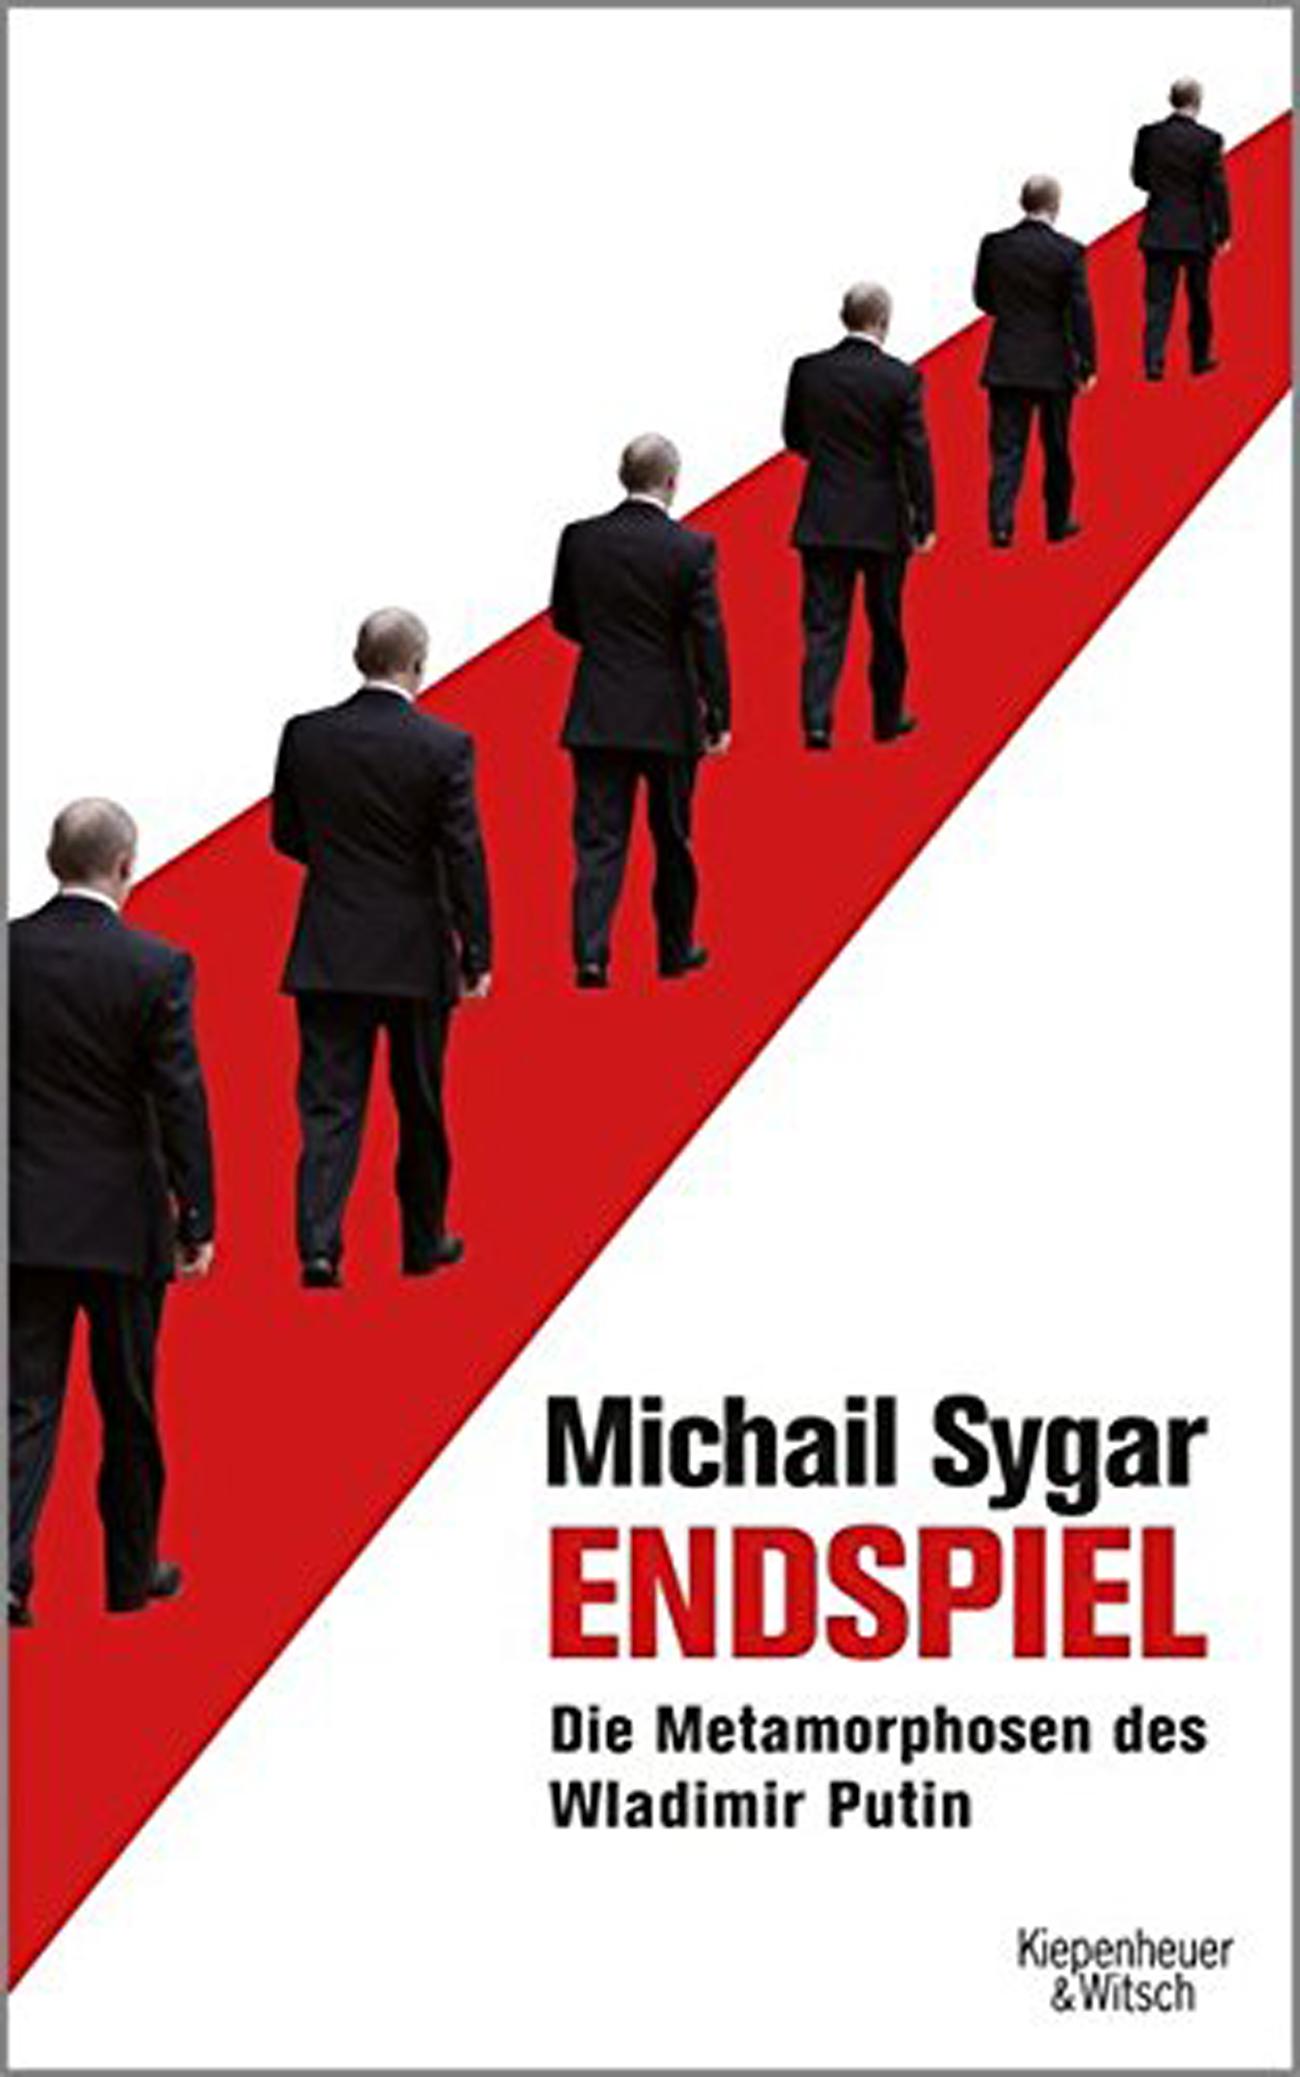 Das Buch von Michail Sygar wurde 2015 ins Deutsche übersetzt. Cover: Amazon.de